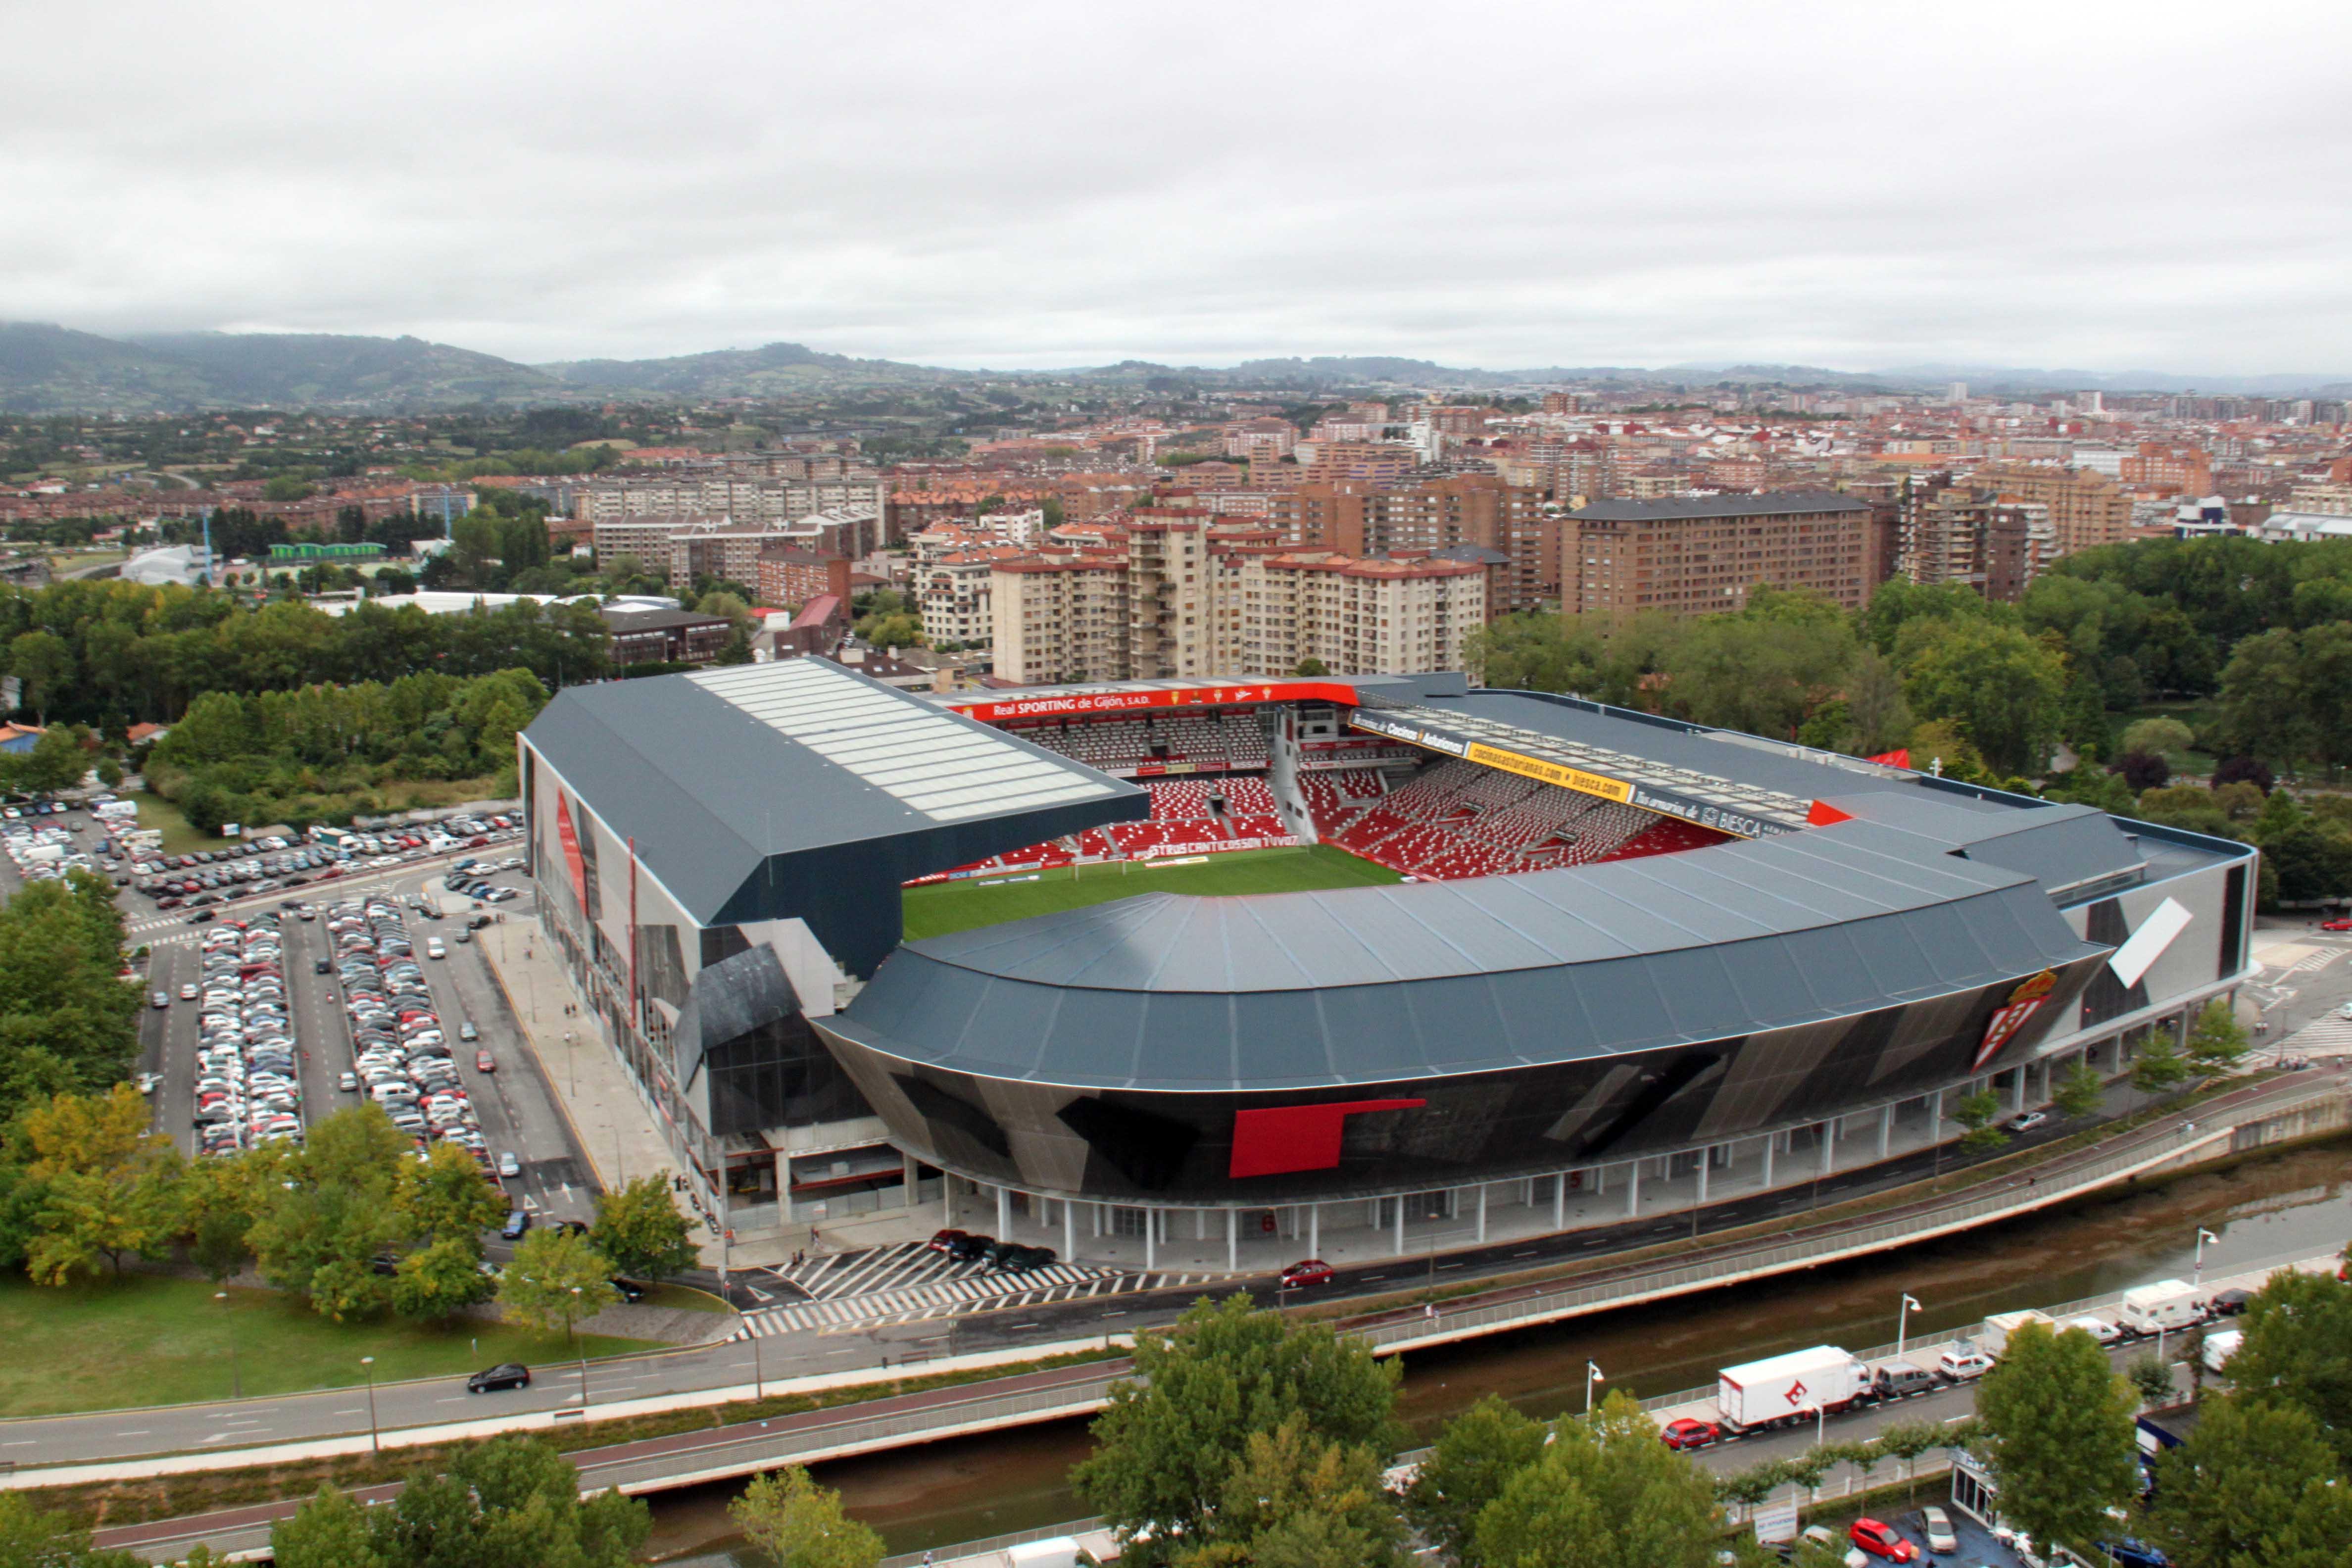 Estadio del molinon fotos de la guia - Estadio del sporting de gijon ...